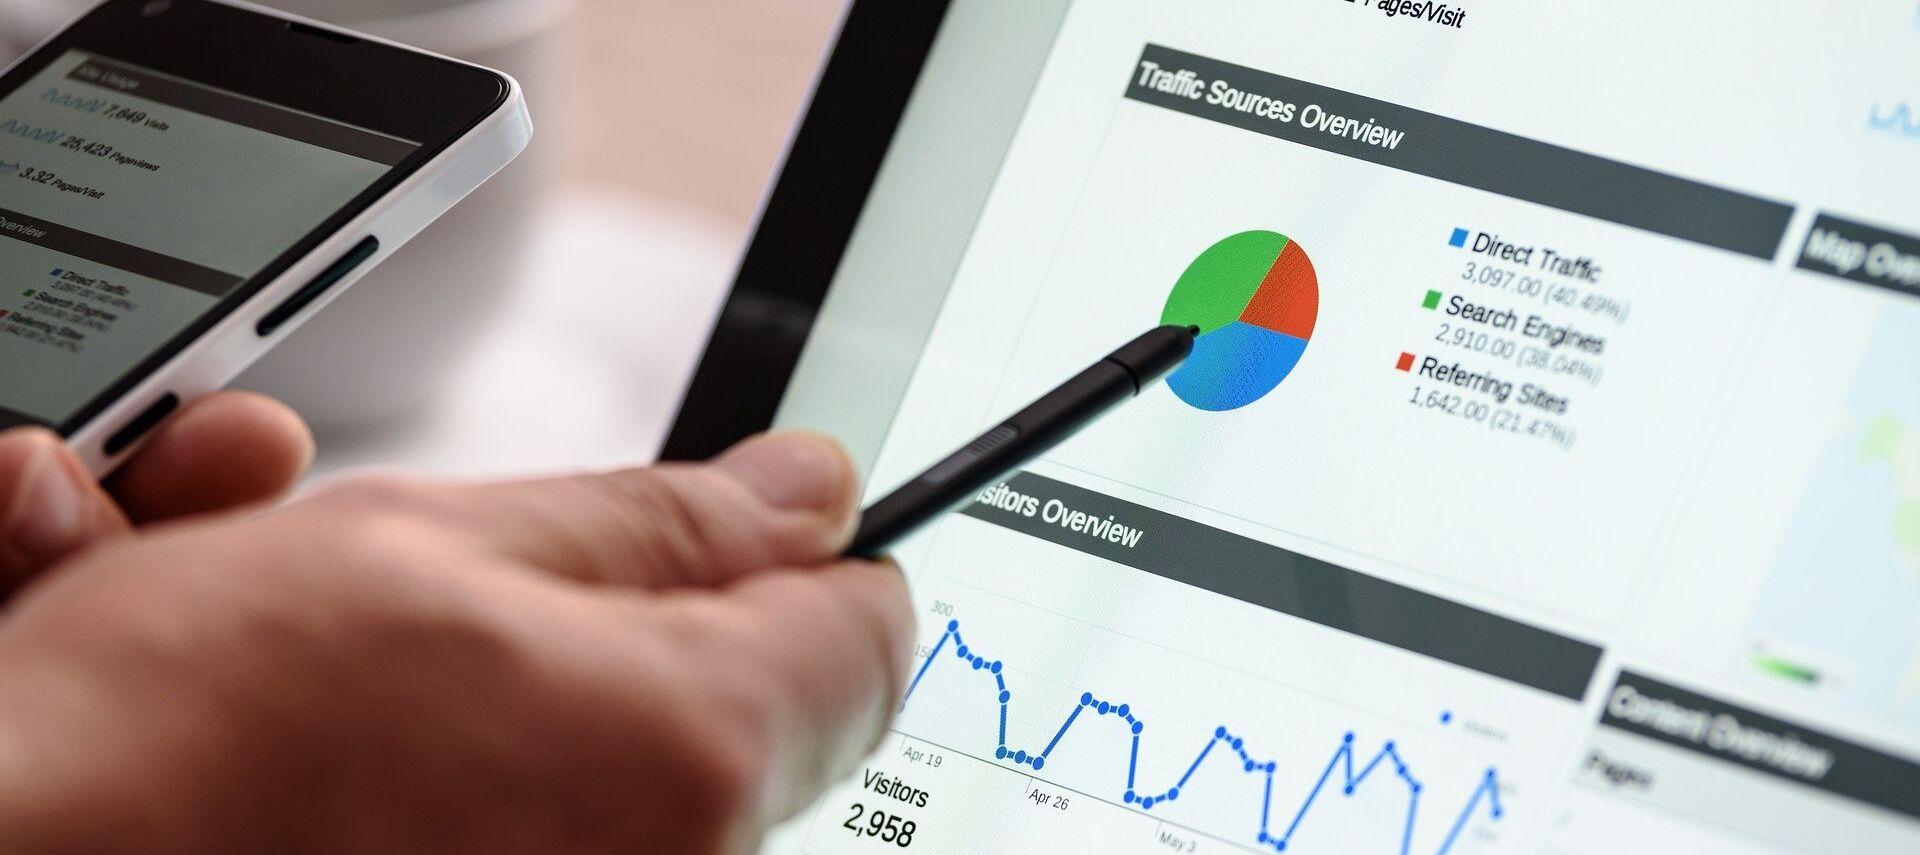 Vertriebs-Automatisierung für mehr Zeit und Qualität mit Ihren wichtigsten Kunden